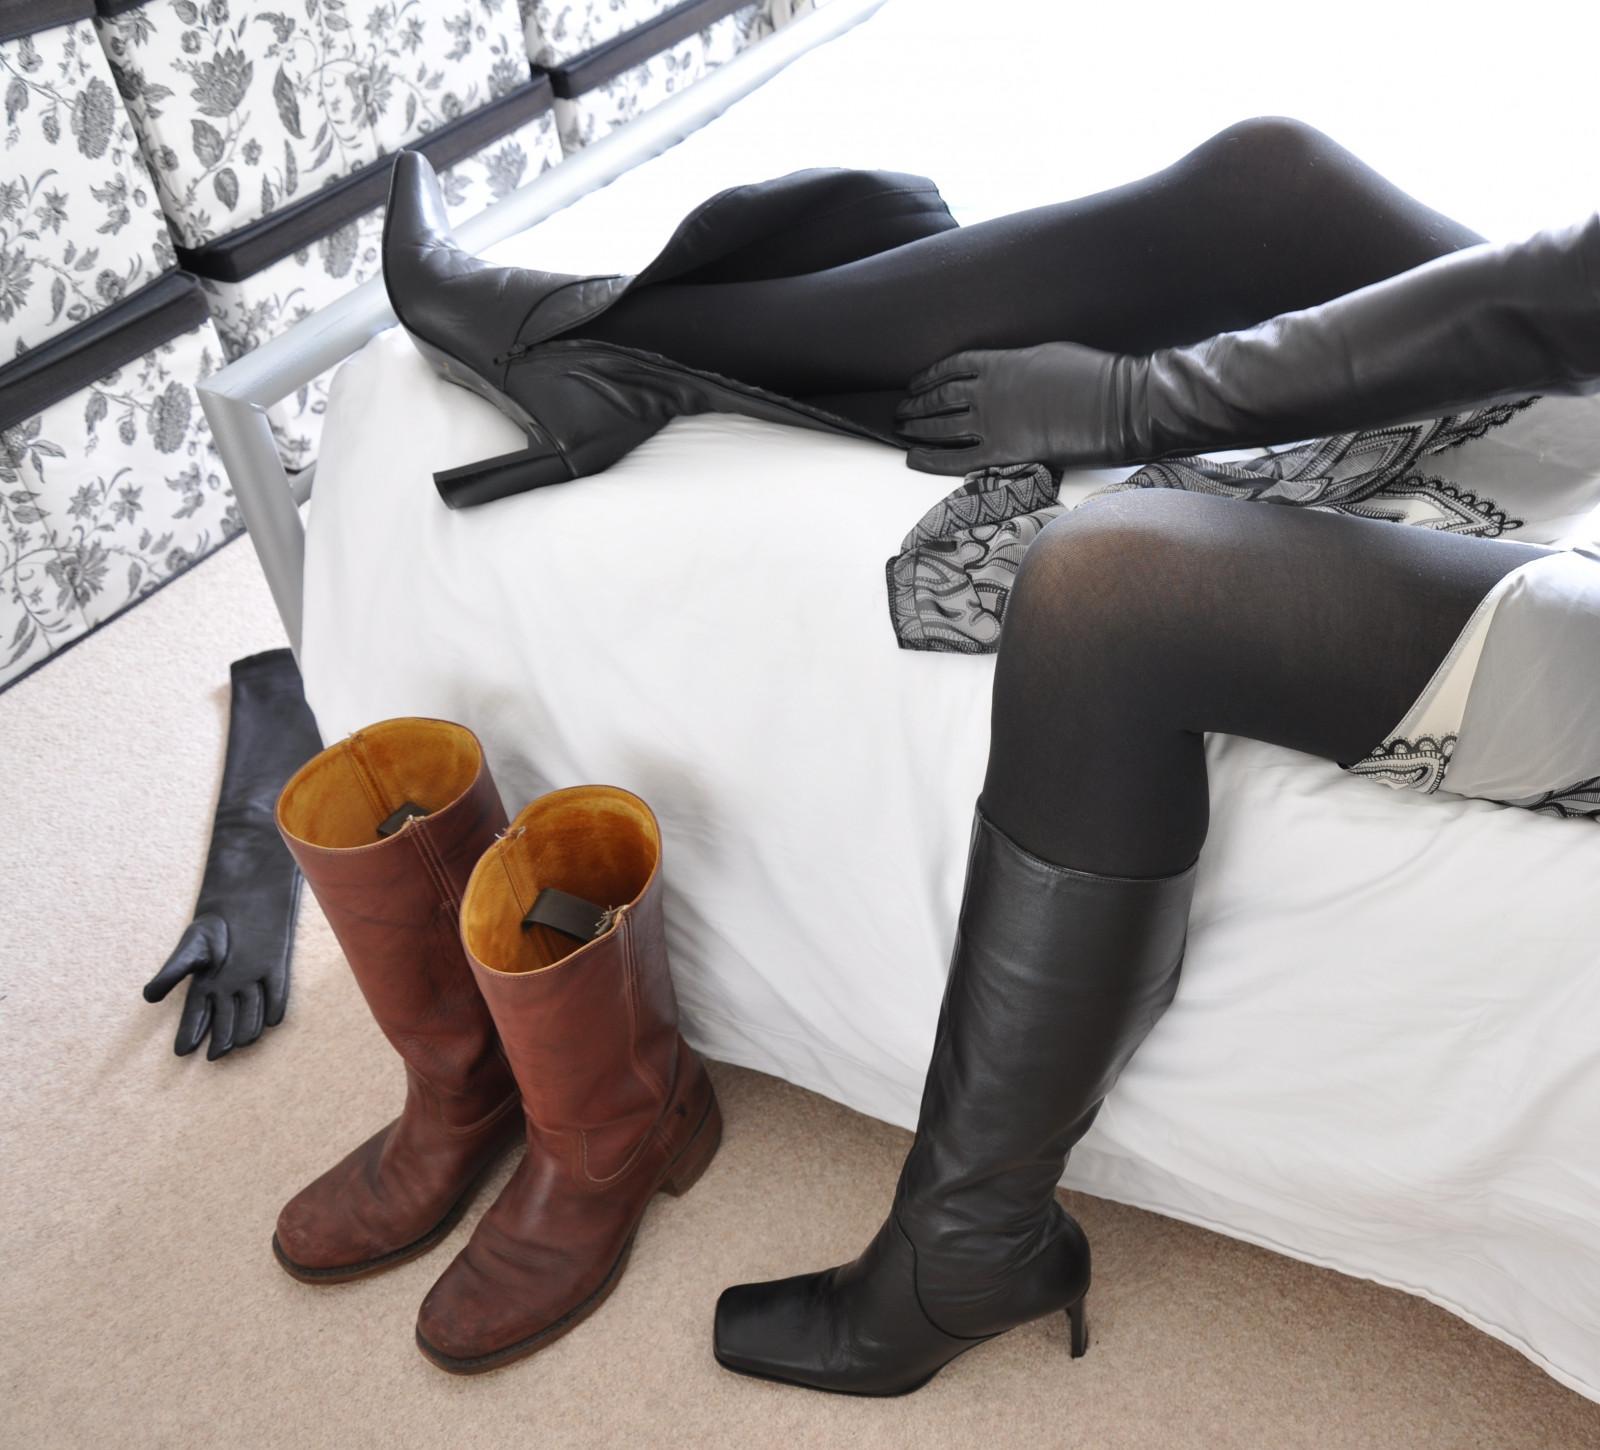 как девки топтали ногами в сапогах и в туфлях парней данный момент, порно